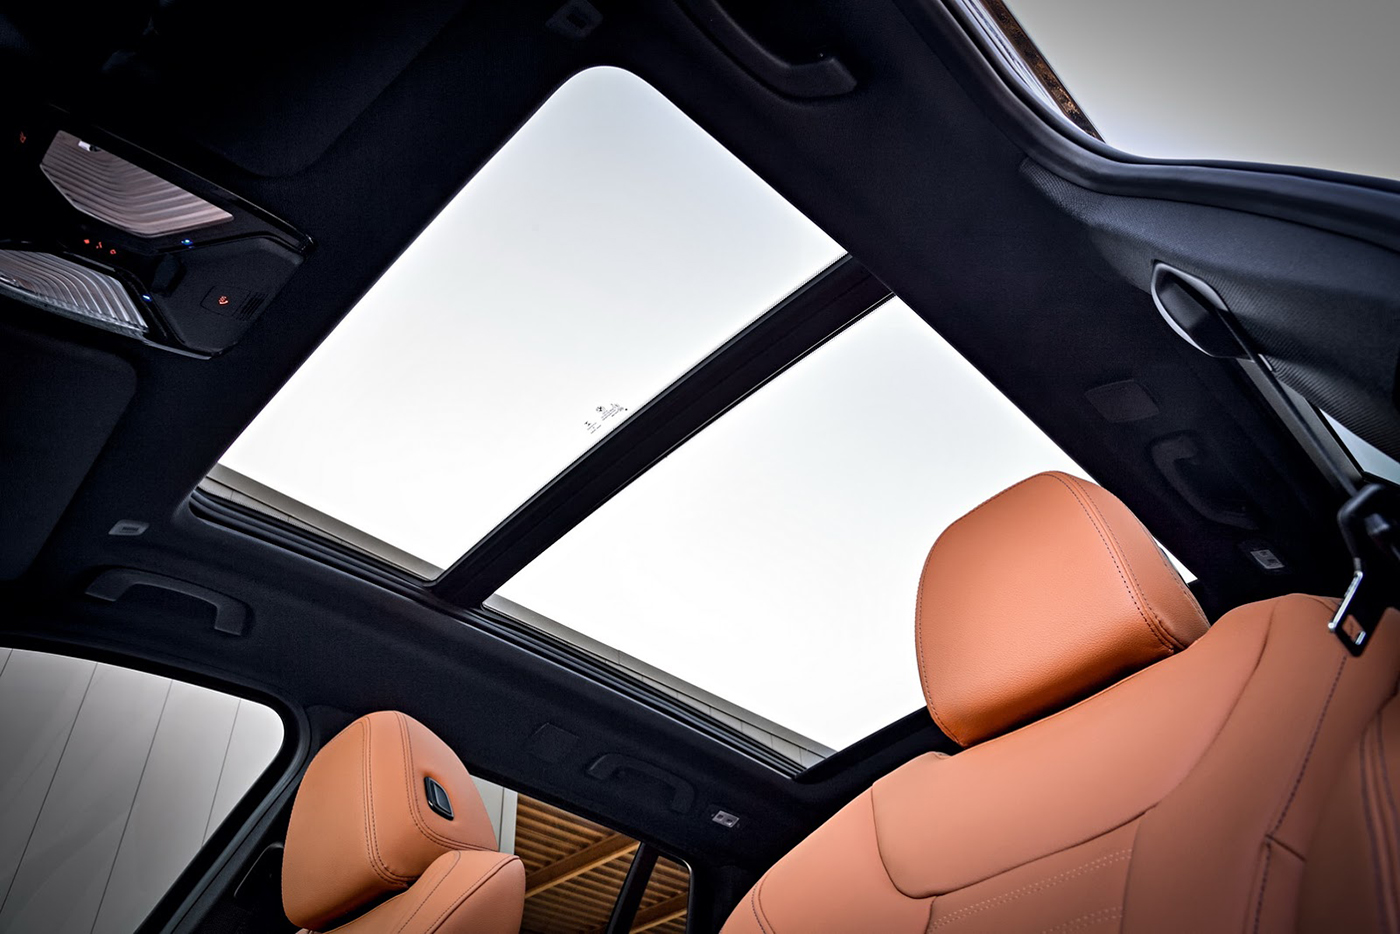 Mẫu Xe 5 Chỗ BMW X3 Đời Mới 2019-2020 Ra Mắt Việt Nam Bao Nhiêu, CHÍNH THỨC RA MẮT, GIÁ XE BMW X5 ĐỜI MỚI NHẤT 2019 BAO NHIÊU TIỀN, KHI NÀO BMW X3 VỀ VIỆT NAM, GIÁ XE BMW 5 CHỖ GẦM CAO SUV X3 320I